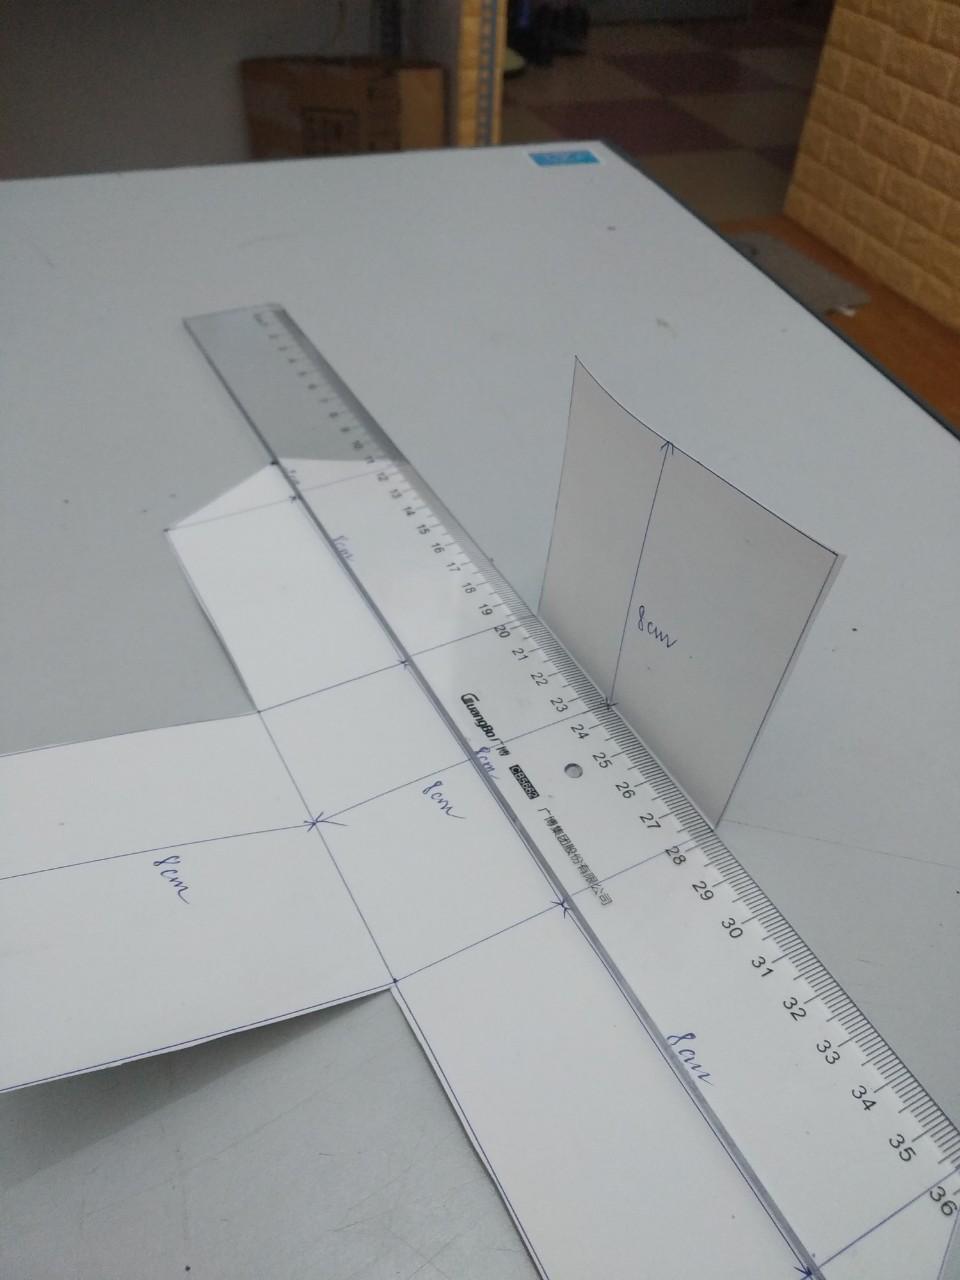 Gấp các cạnh của chiếc hộp để tạo các đường gân